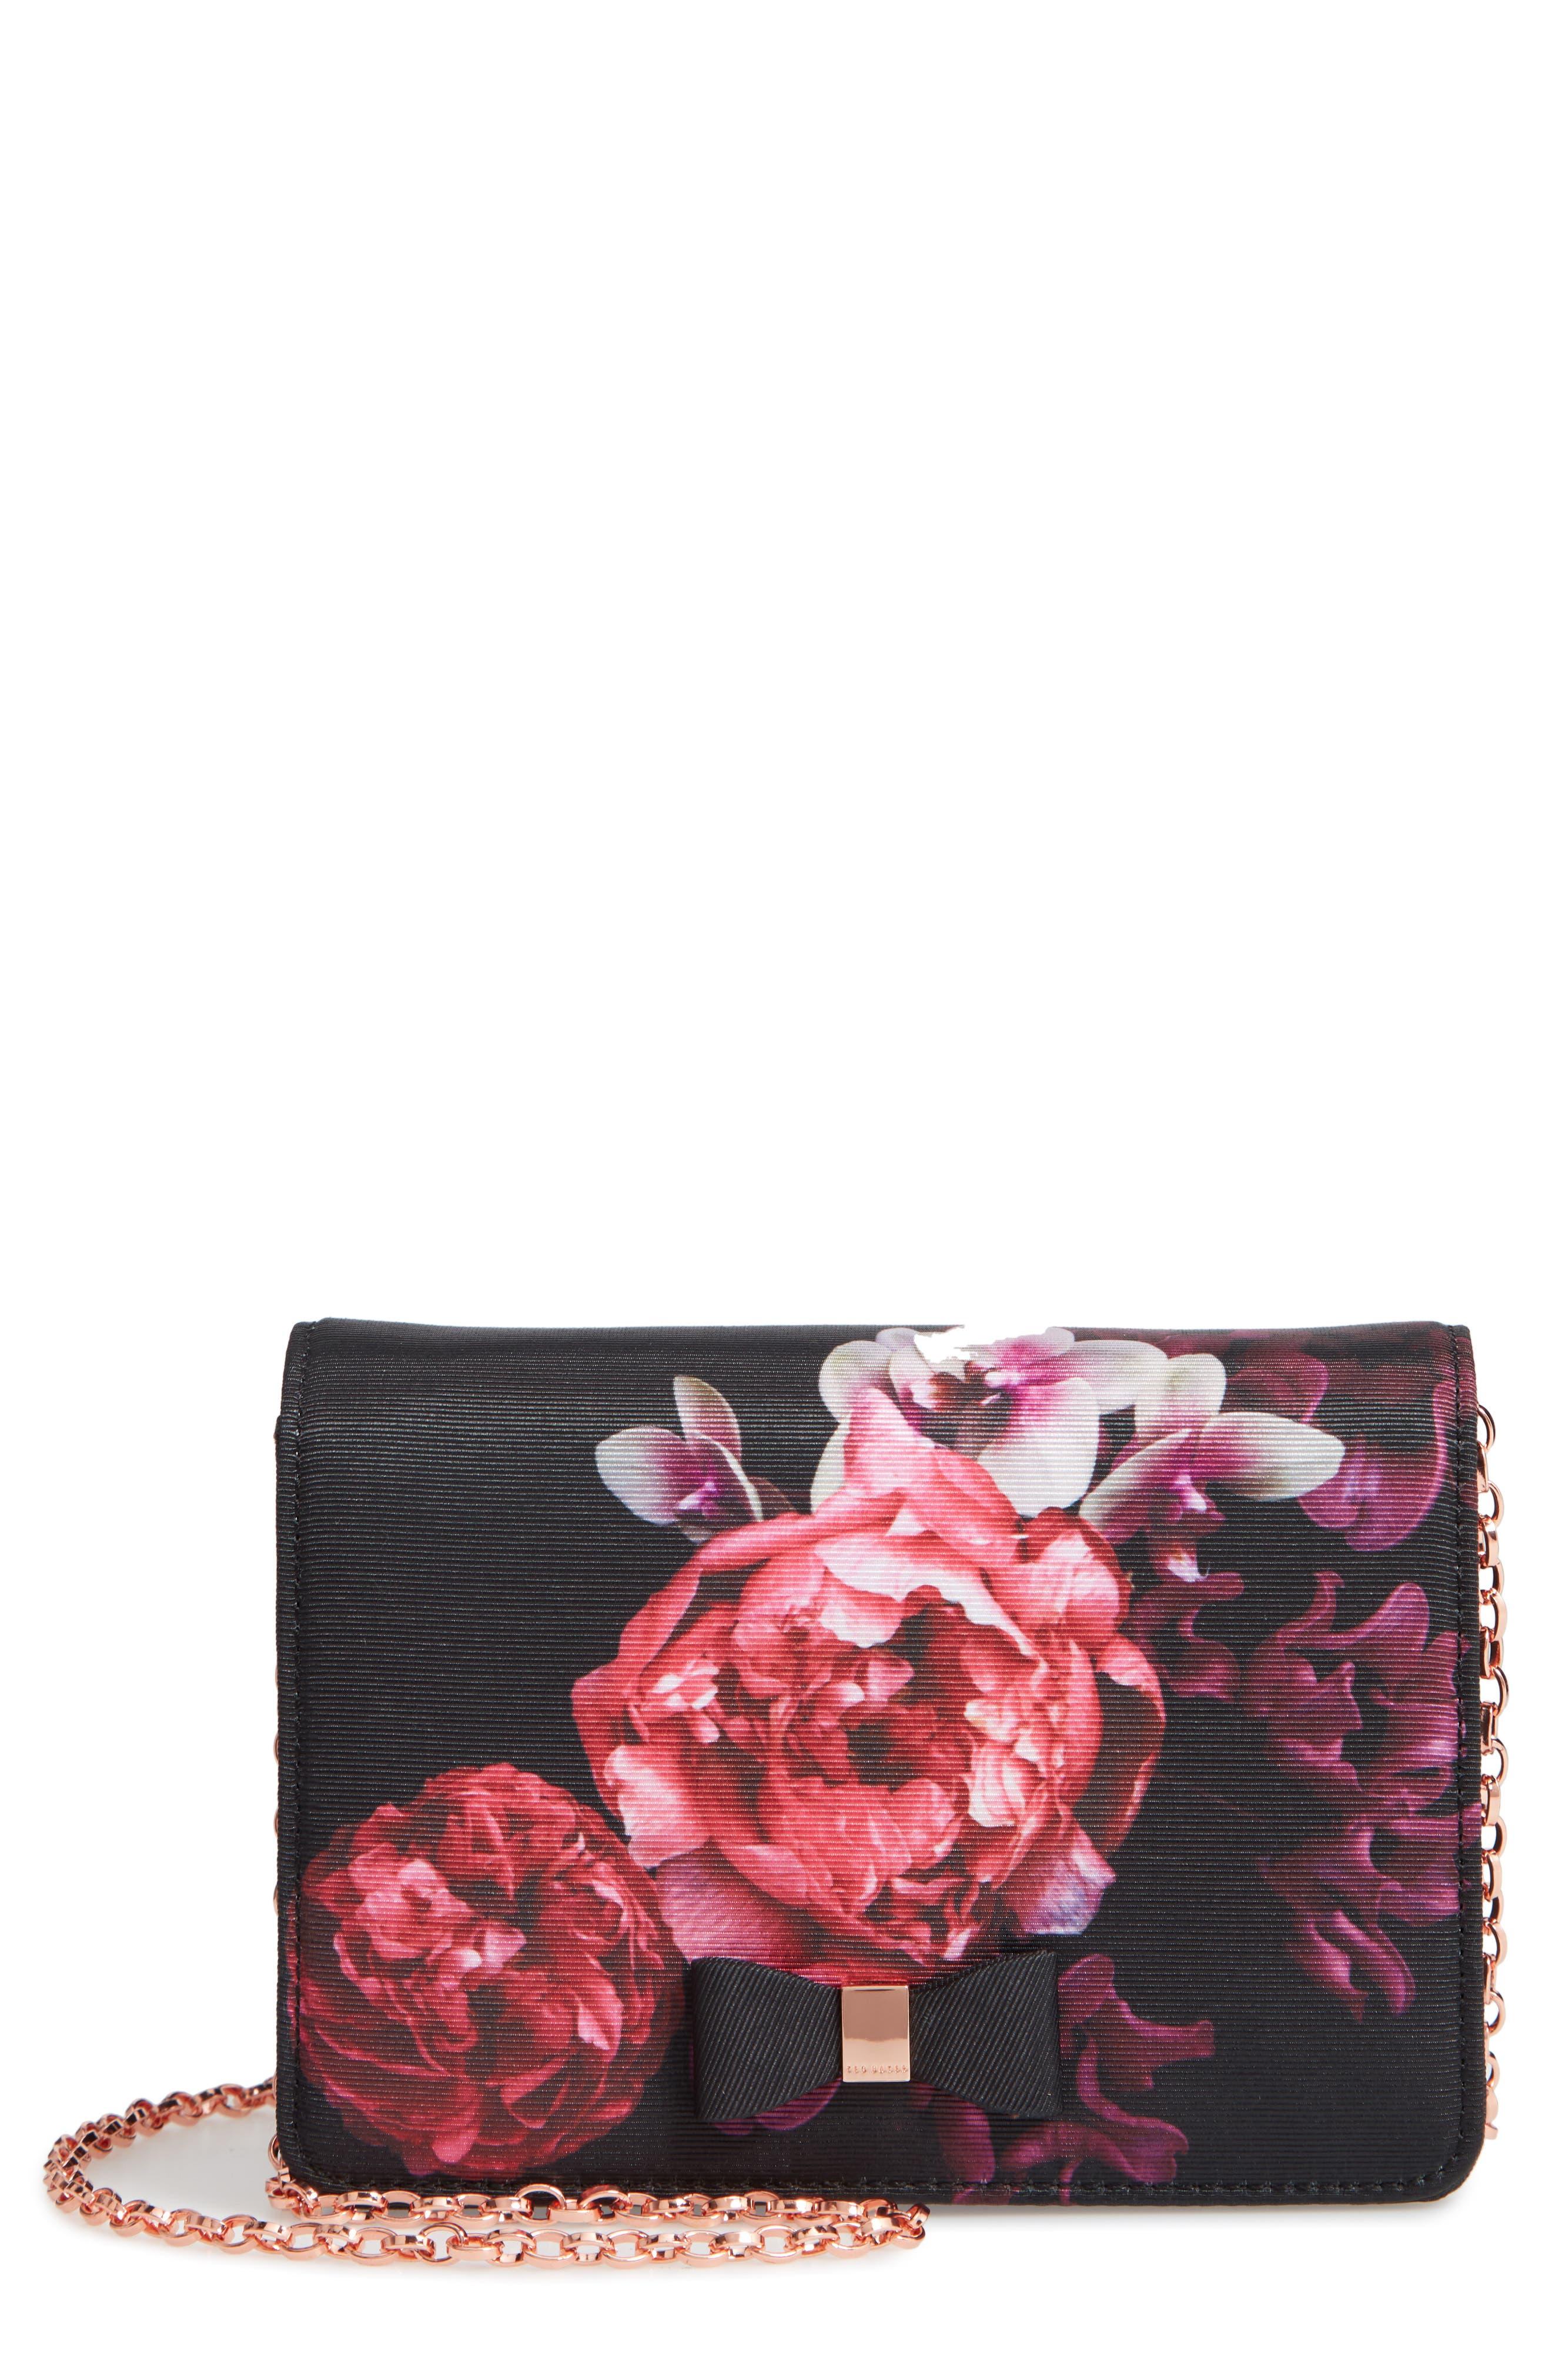 Splendour Mini Bow Evening Bag,                             Main thumbnail 1, color,                             001